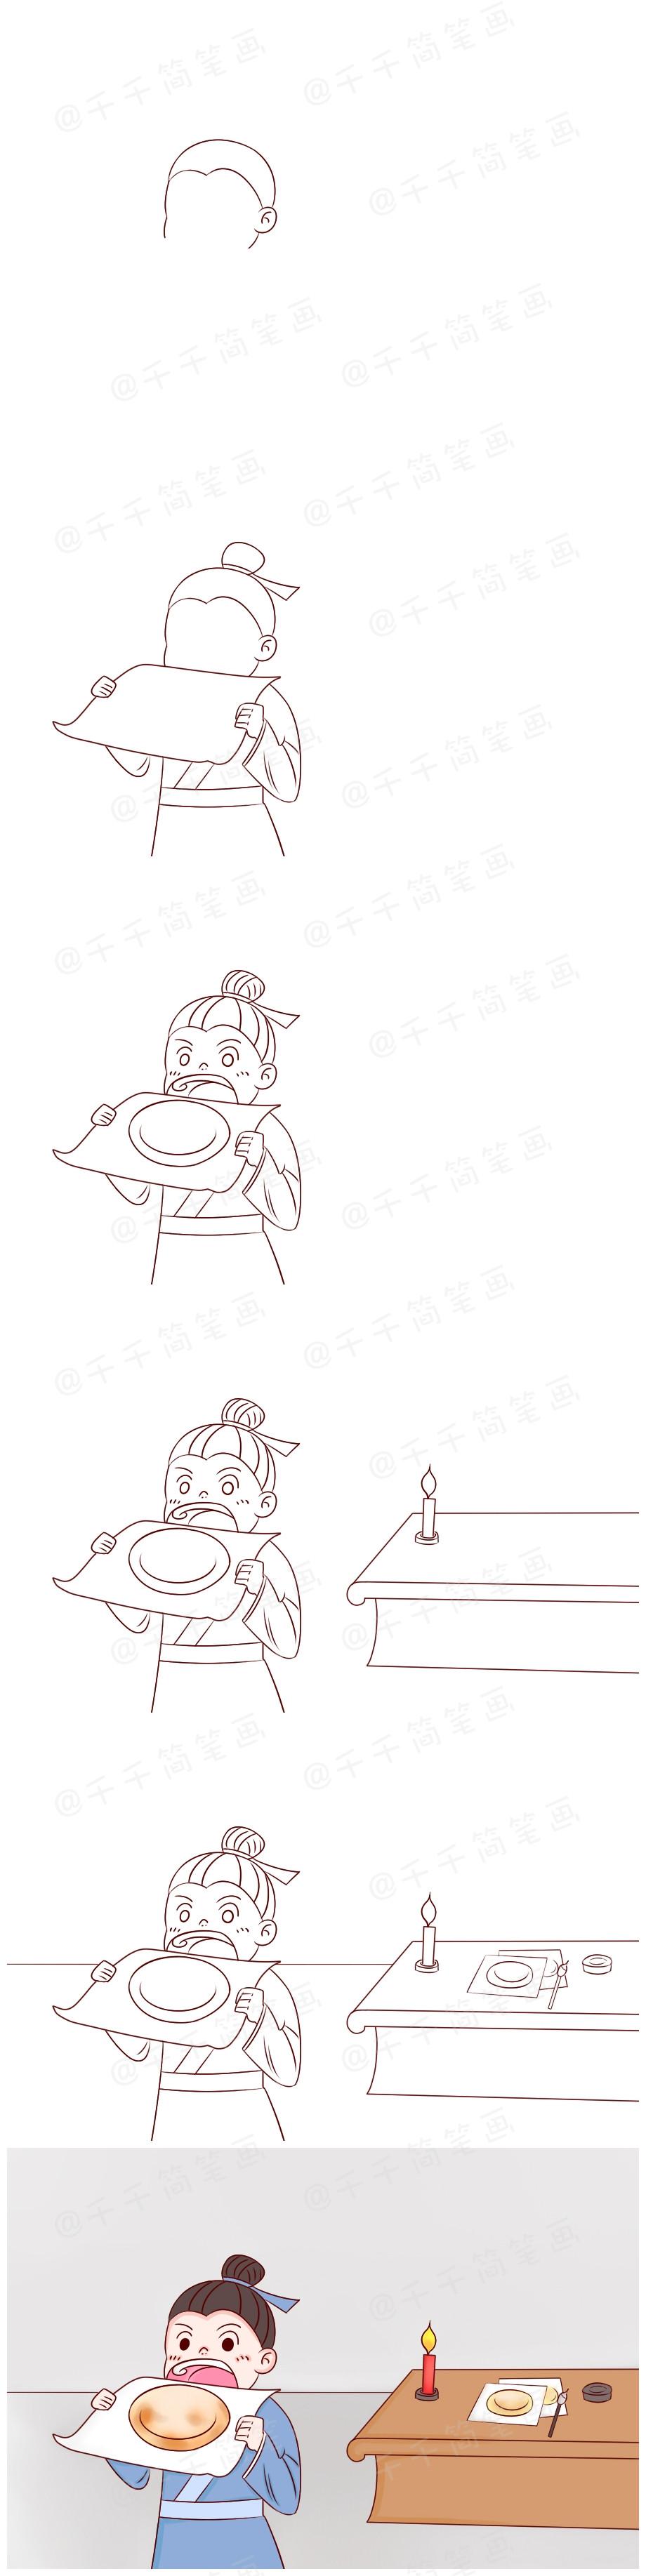 【5岁+成语故事】画饼充饥【千千简笔画国学 】